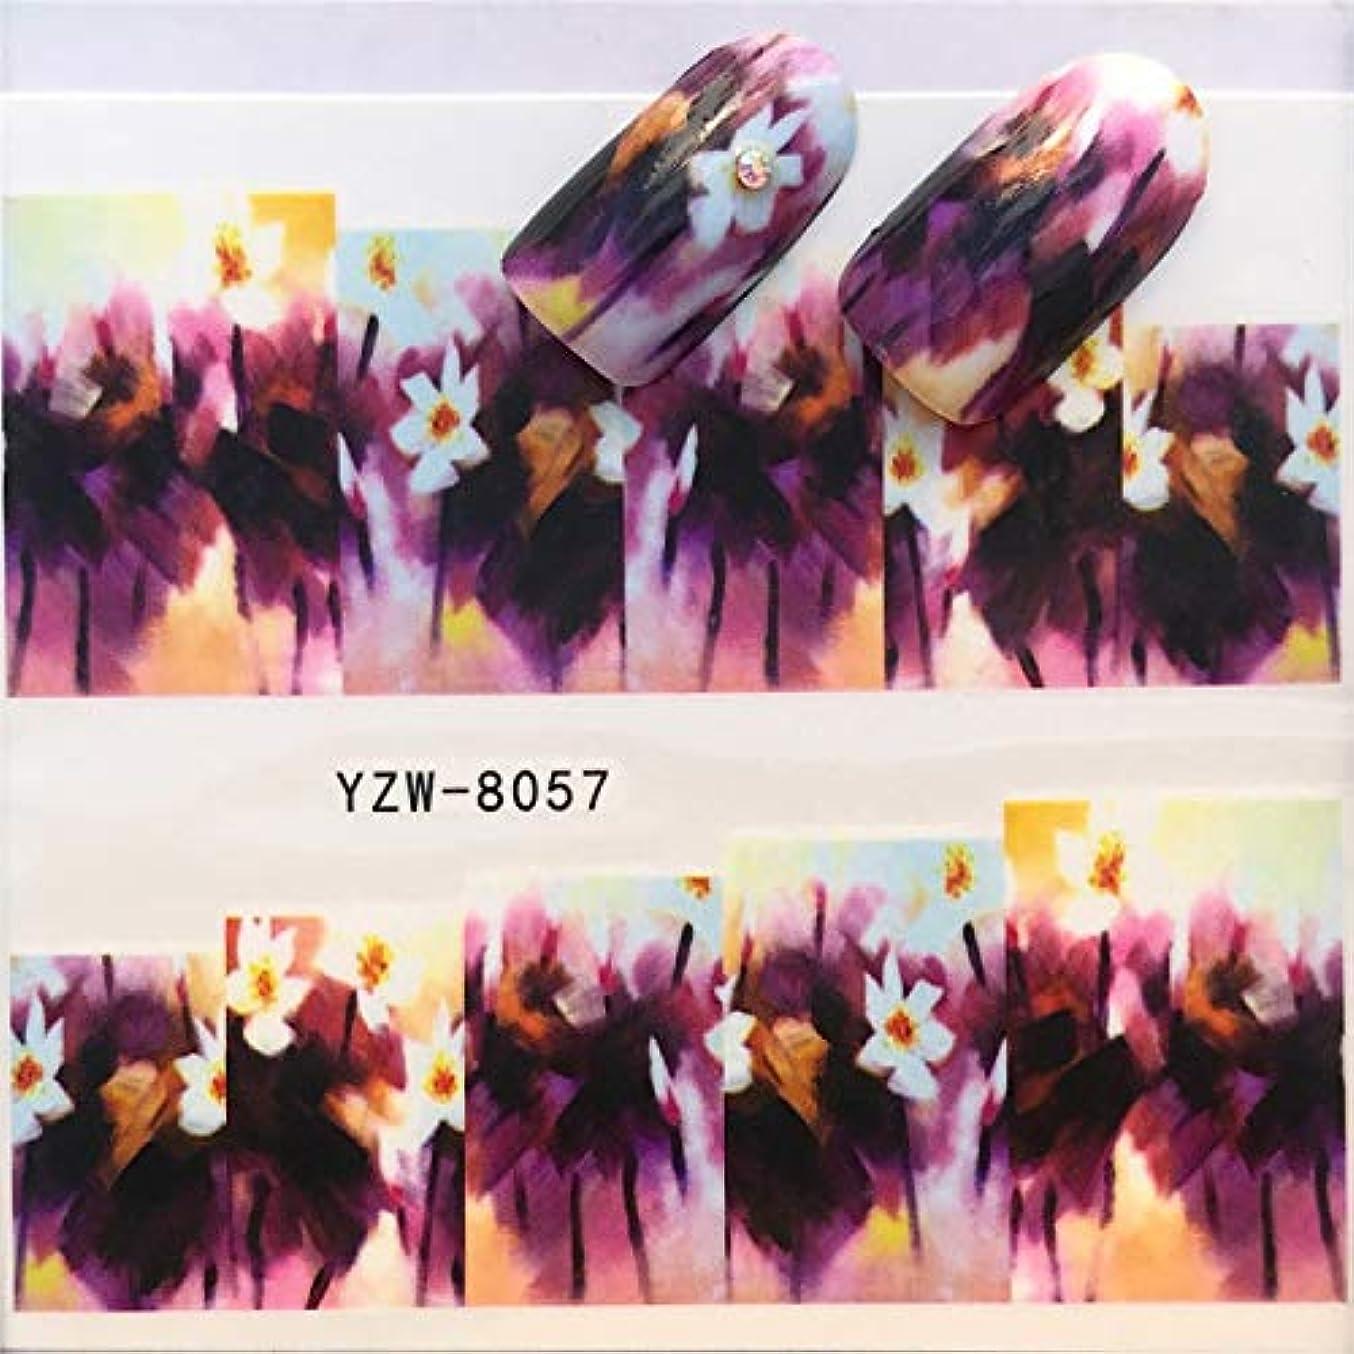 ビューティー&パーソナルケア 3個ネイルステッカーセットデカール水転写スライダーネイルアートデコレーション、色:YZW 8057 ステッカー&デカール